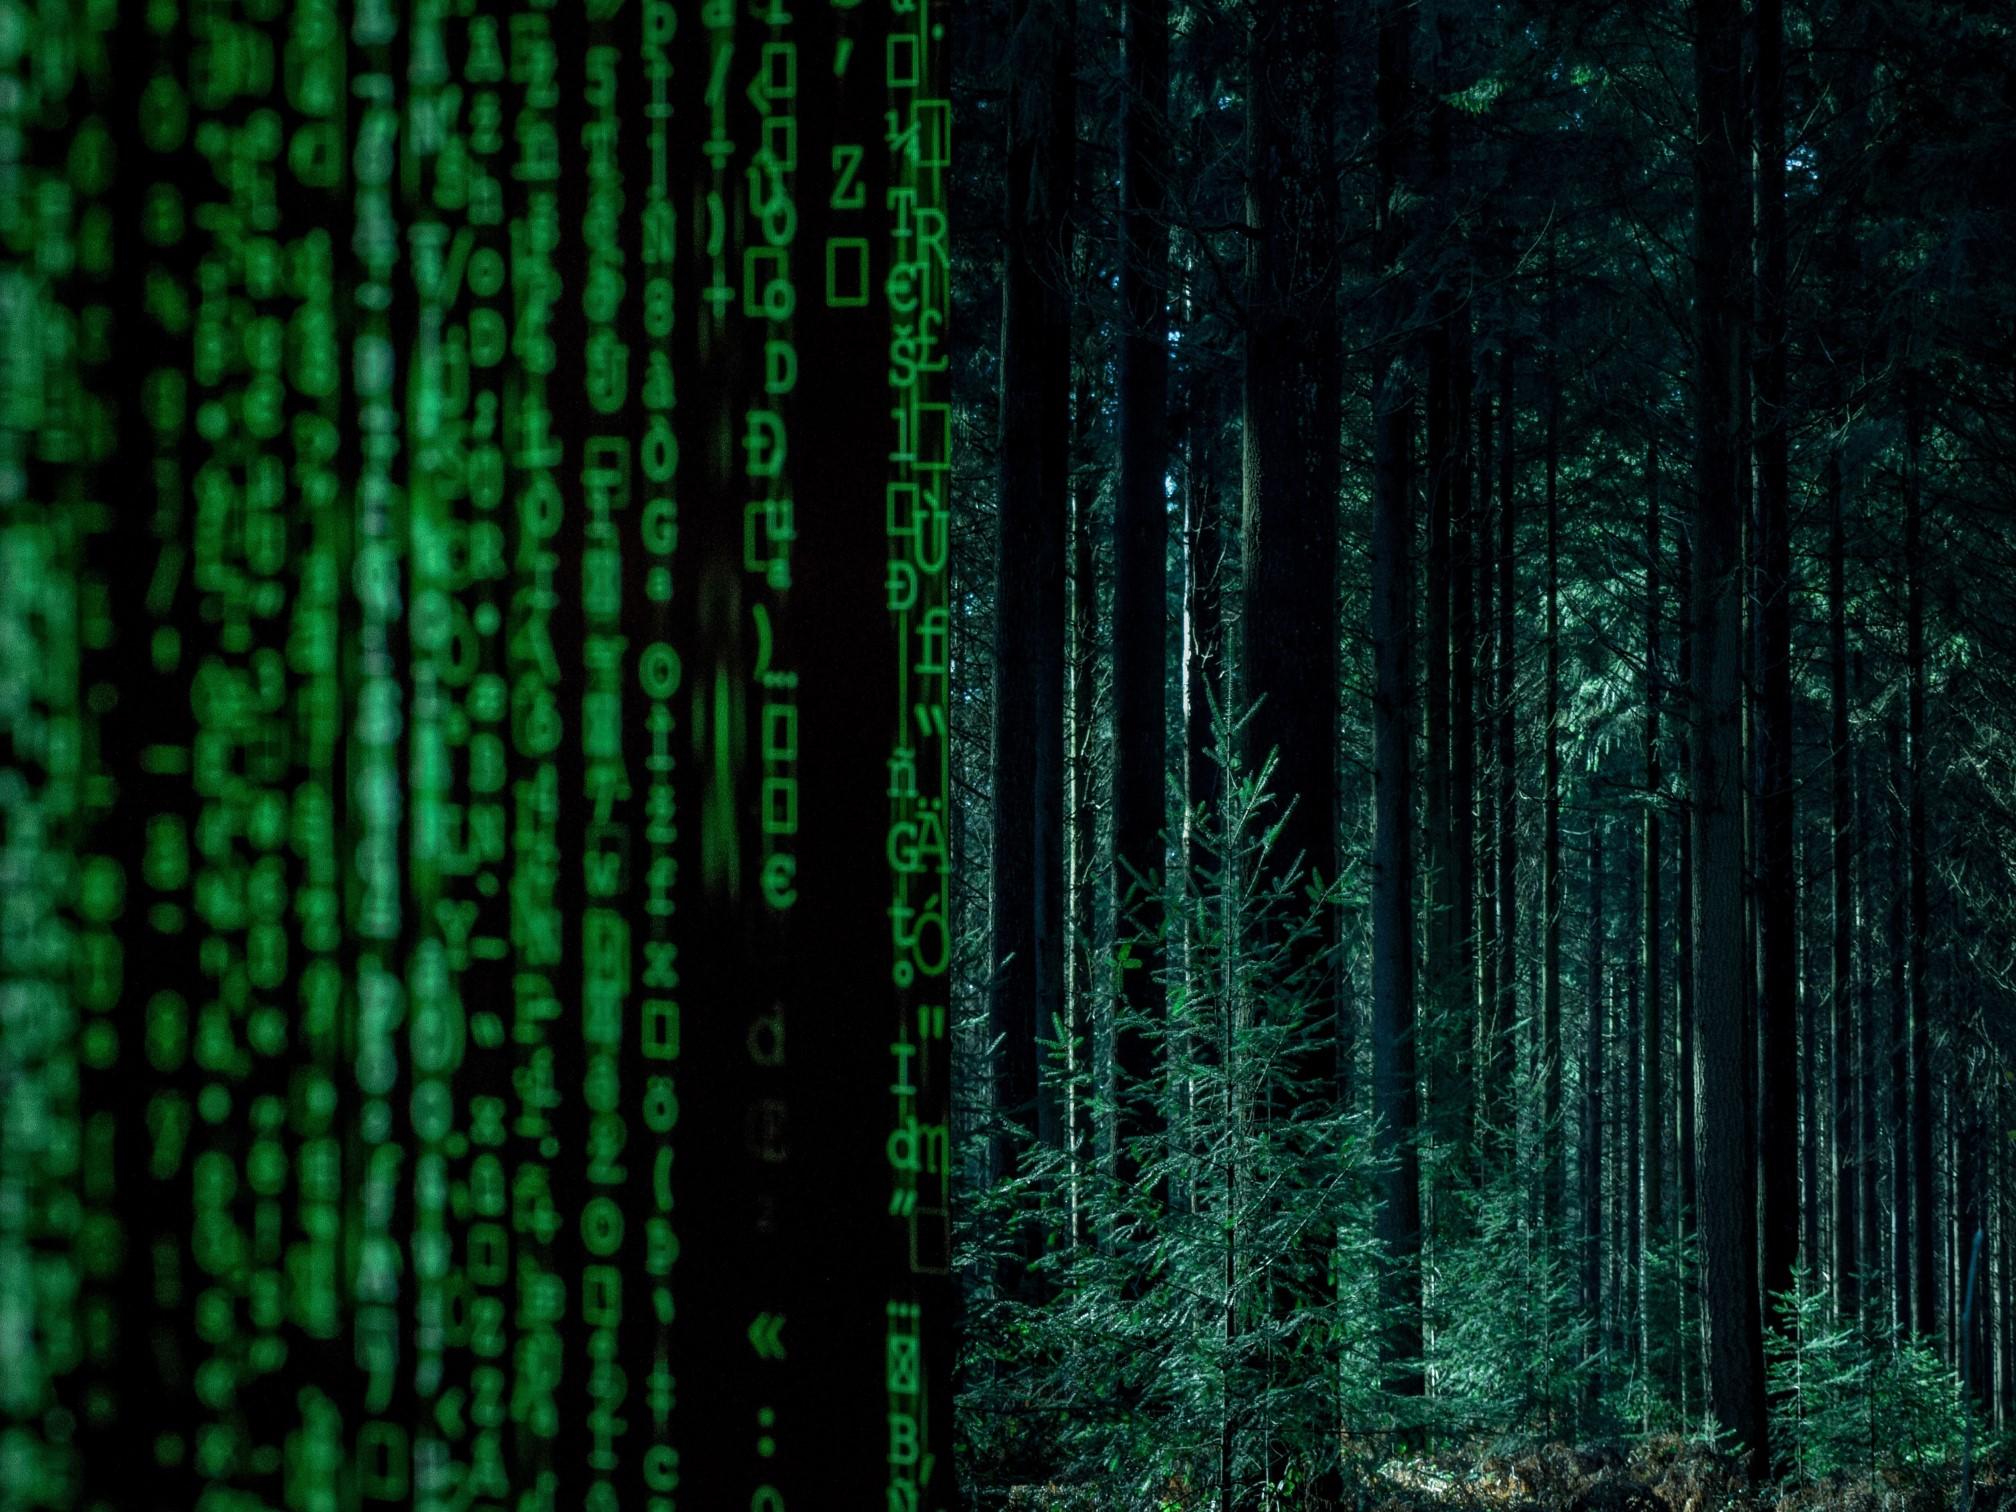 Innovación tecnológica para mejorar el planeta